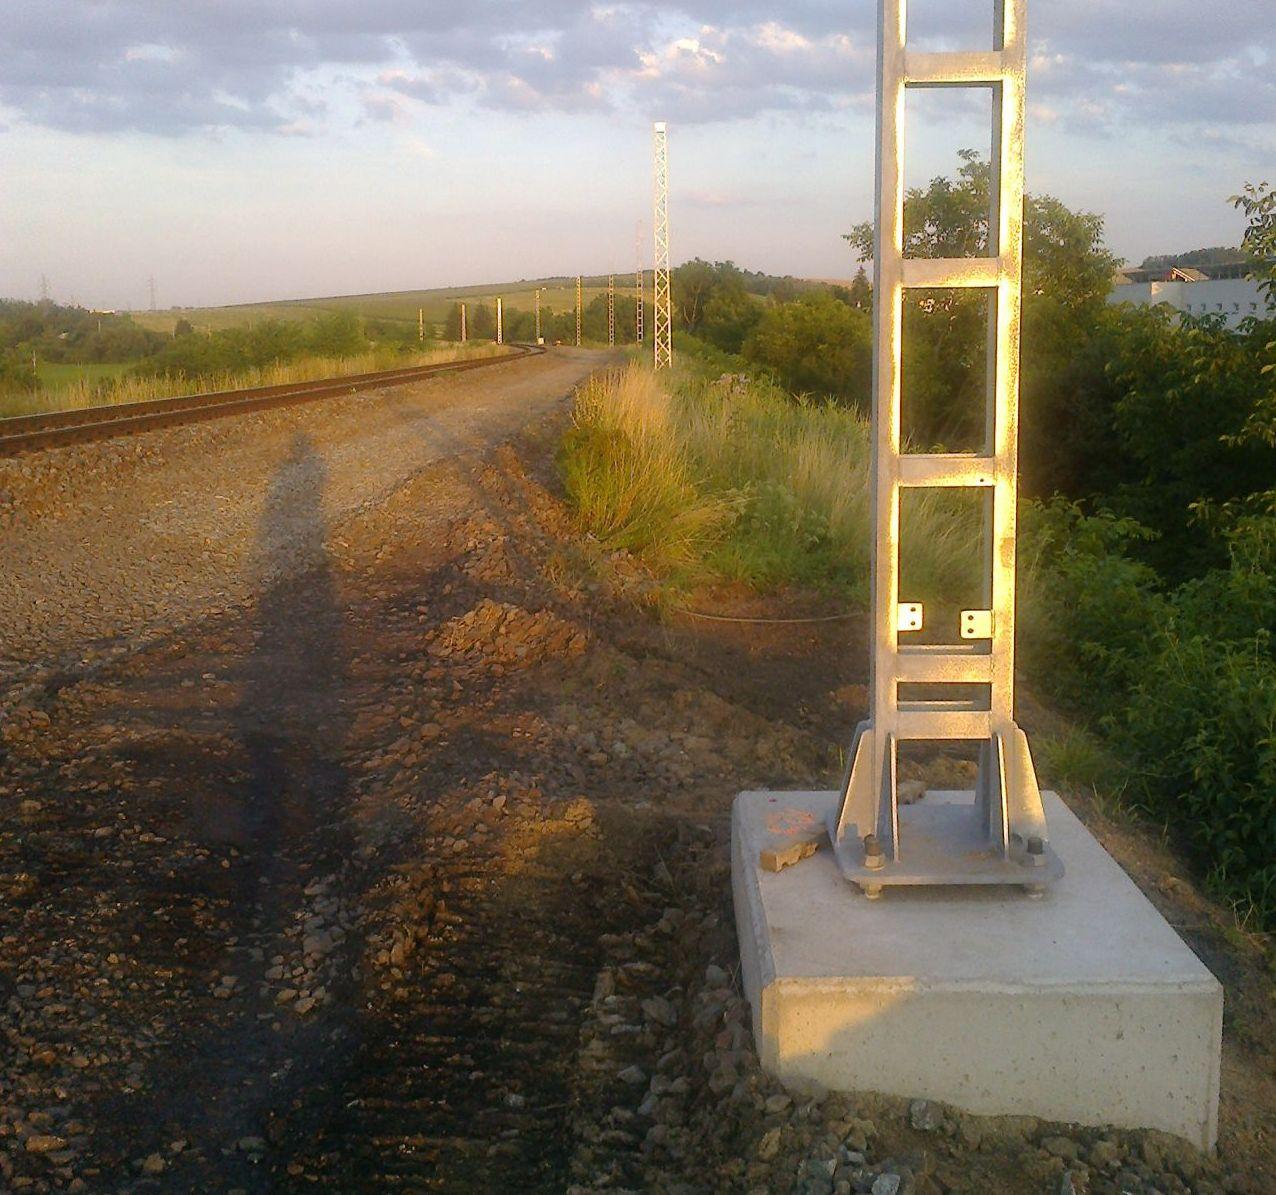 Vybetonované patky a nové sloupy na trati Brno - Střelice. Pramen: Petr Řehořka